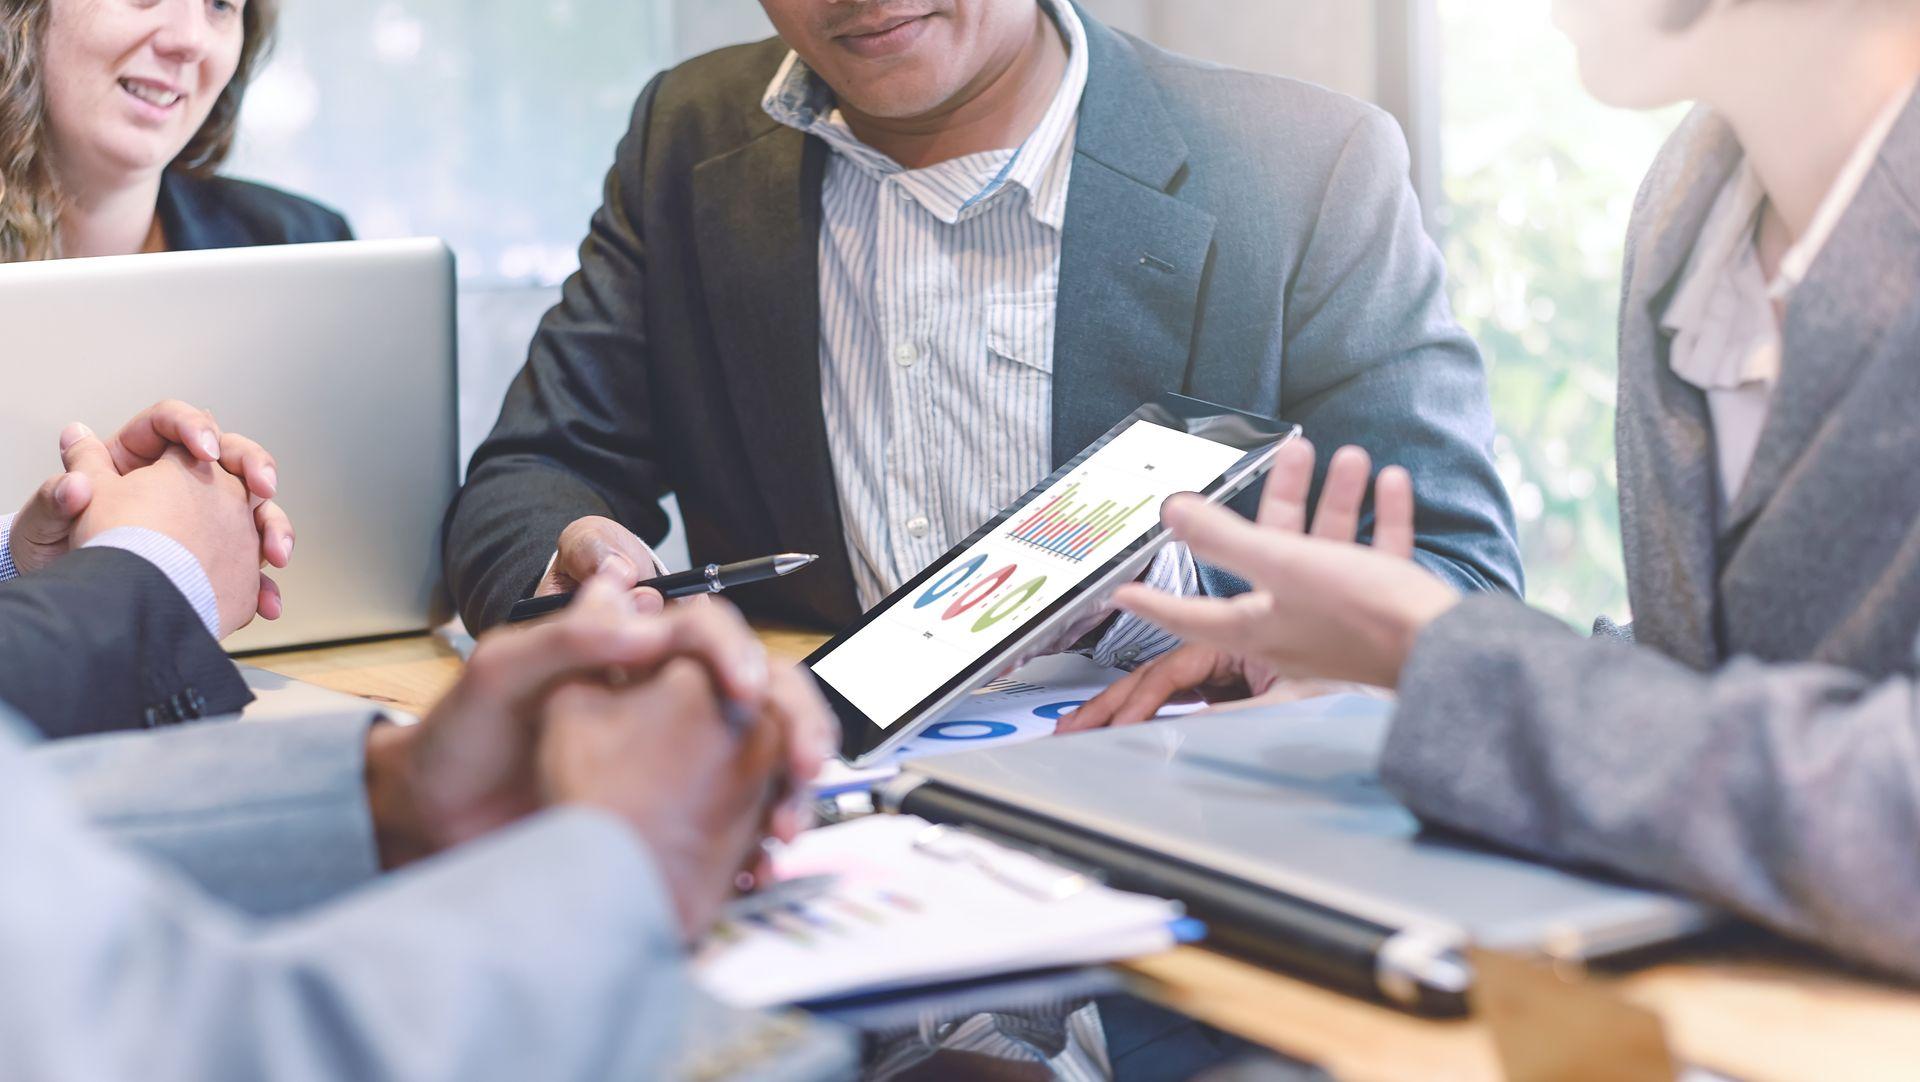 ANNONSE: En moderne arbeidsplass trenger ordentlig teamarbeid